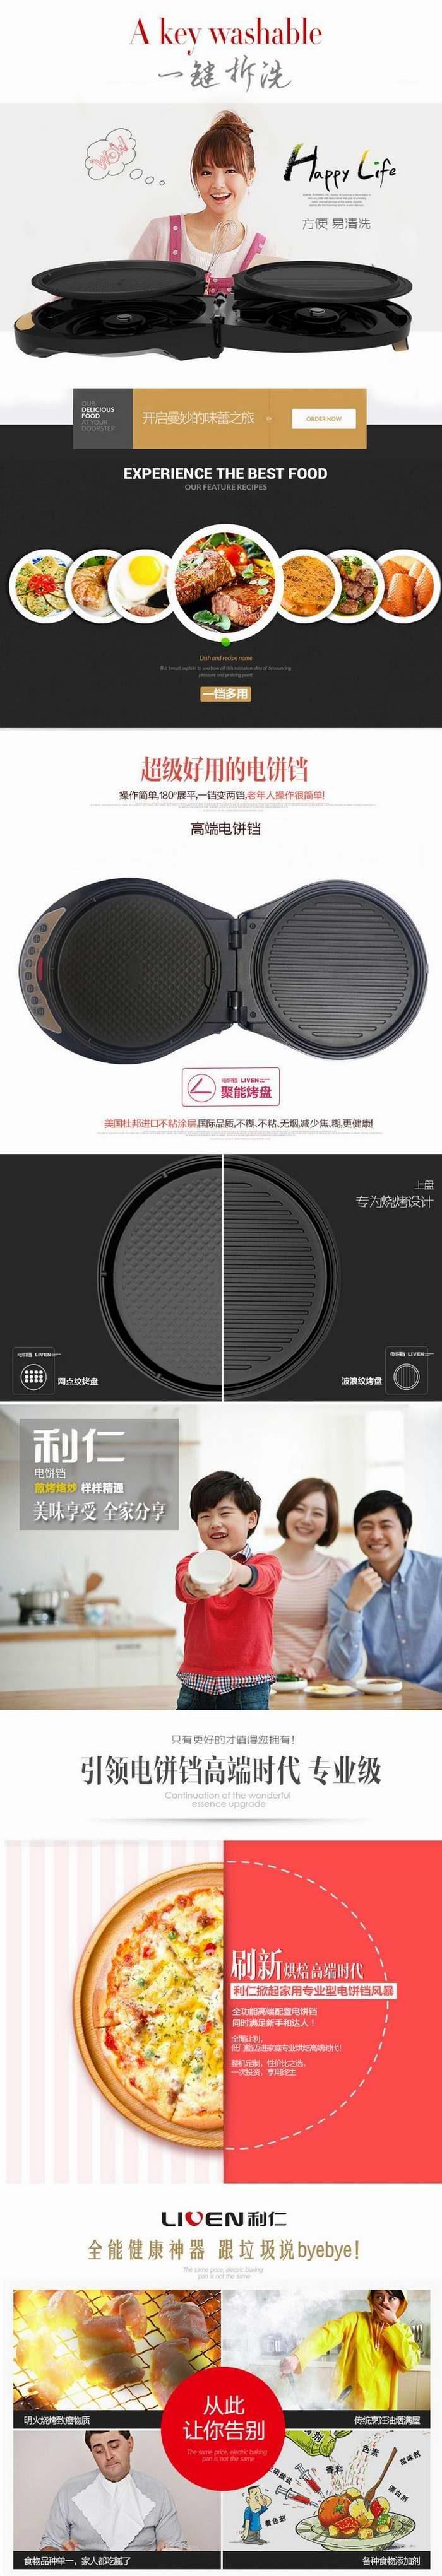 独家!Liven 利仁 LR-A434 旗舰版 黄金贝壳真人语音 智能电饼铛/煎烤机6.6折 92.97加元包邮!